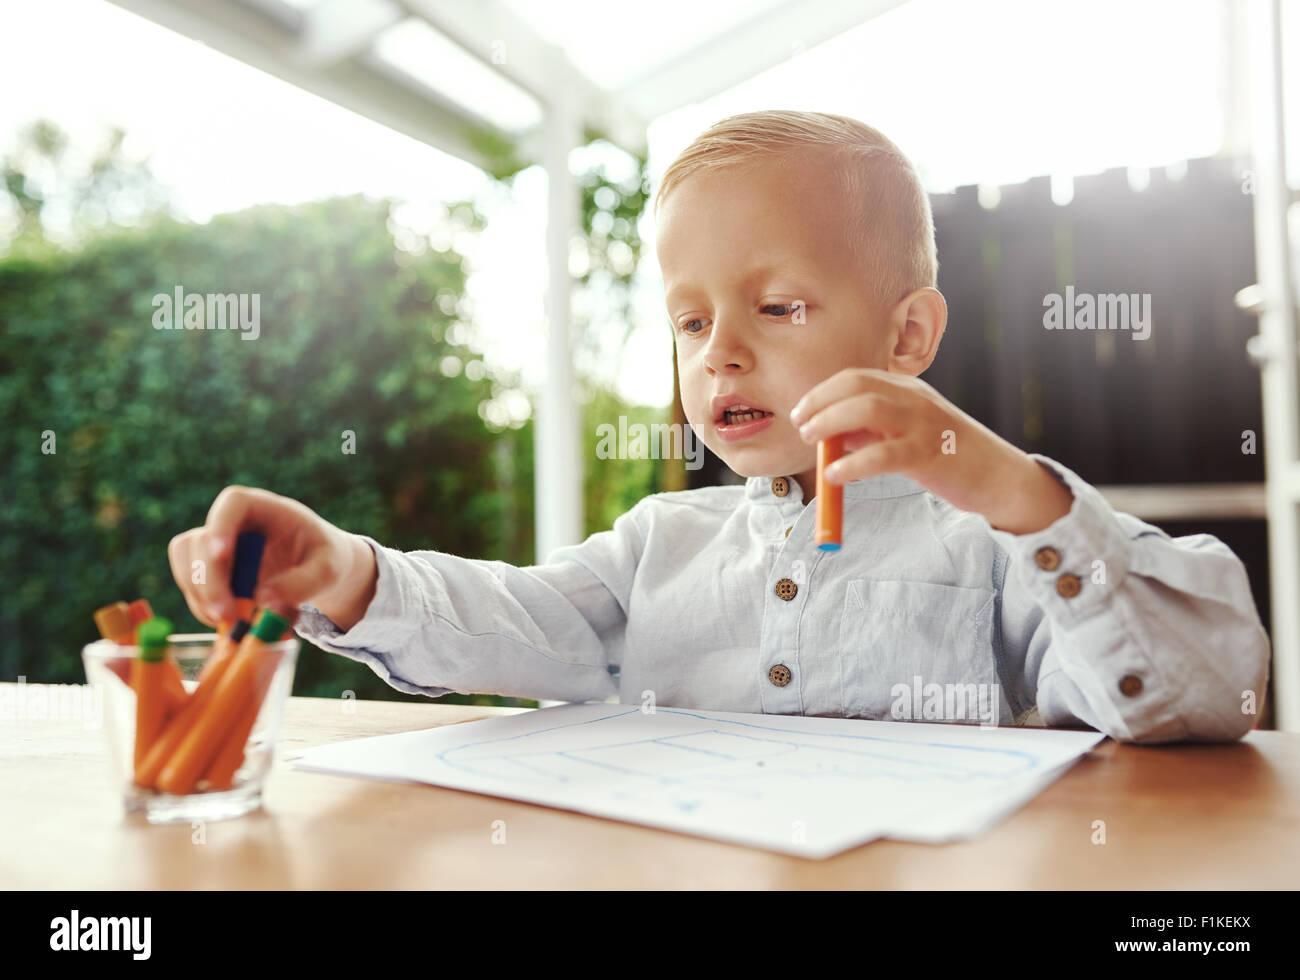 Cute little boy rubia seleccionando un lápiz de cera coloreada de una colección en un recipiente de cristal Imagen De Stock